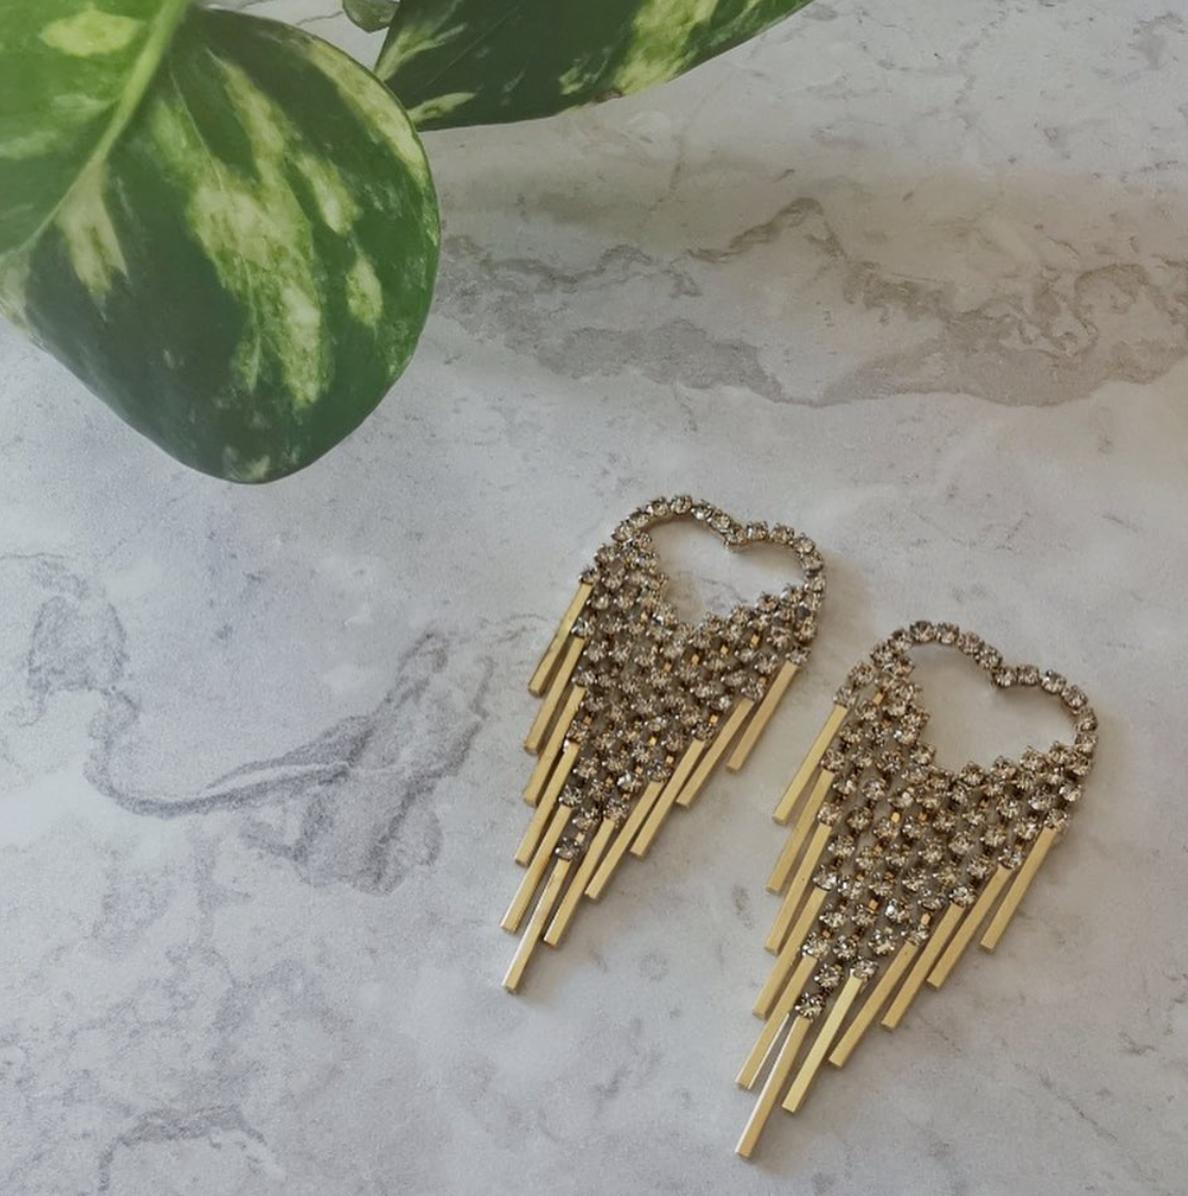 Gold Tone Cubic Zirconia Heart Drop Earrings by Emi Jewellery